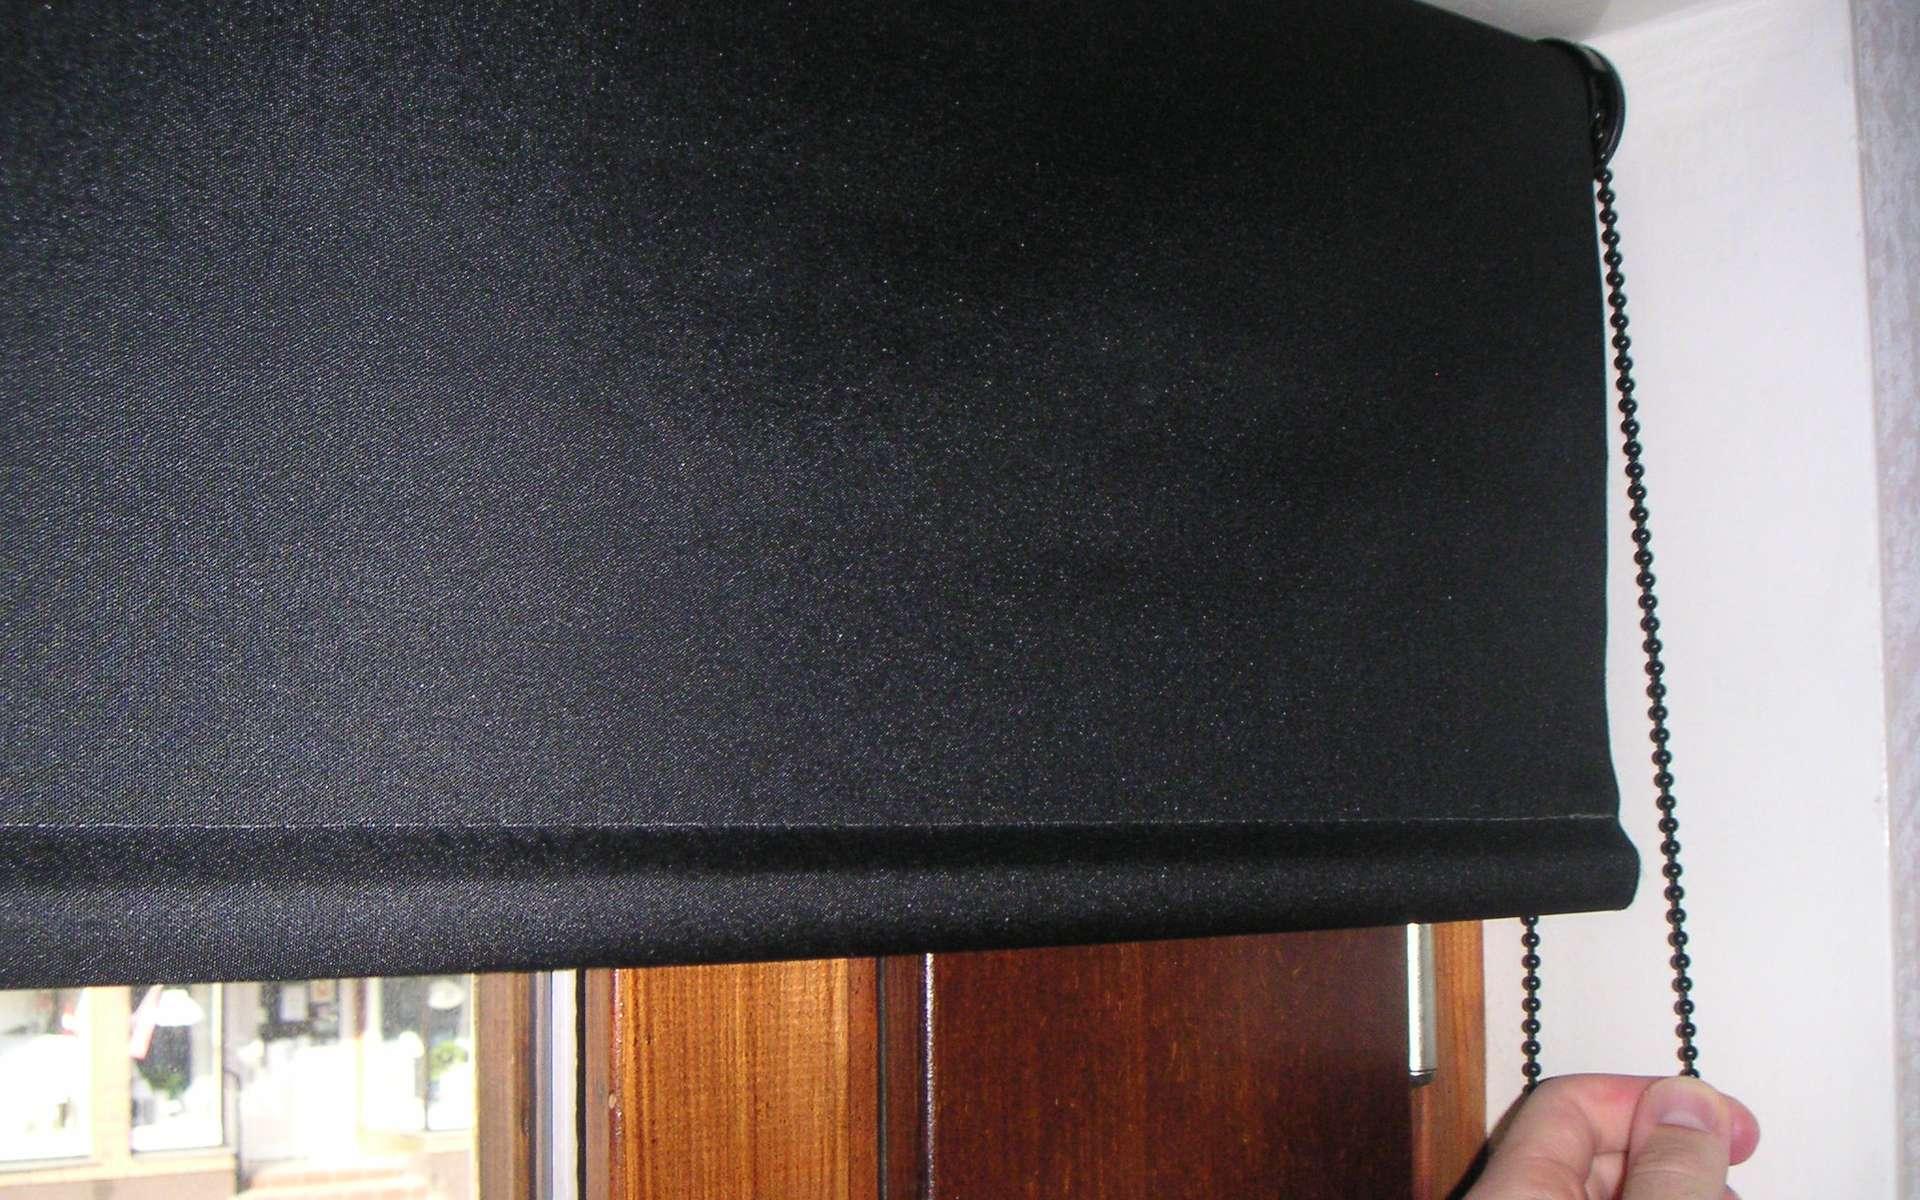 Le rideau a une double fonction : il protège de la lumière et des regards indiscrets. © Mikael Häggström, CC0 1.0, Wikimedia Commons